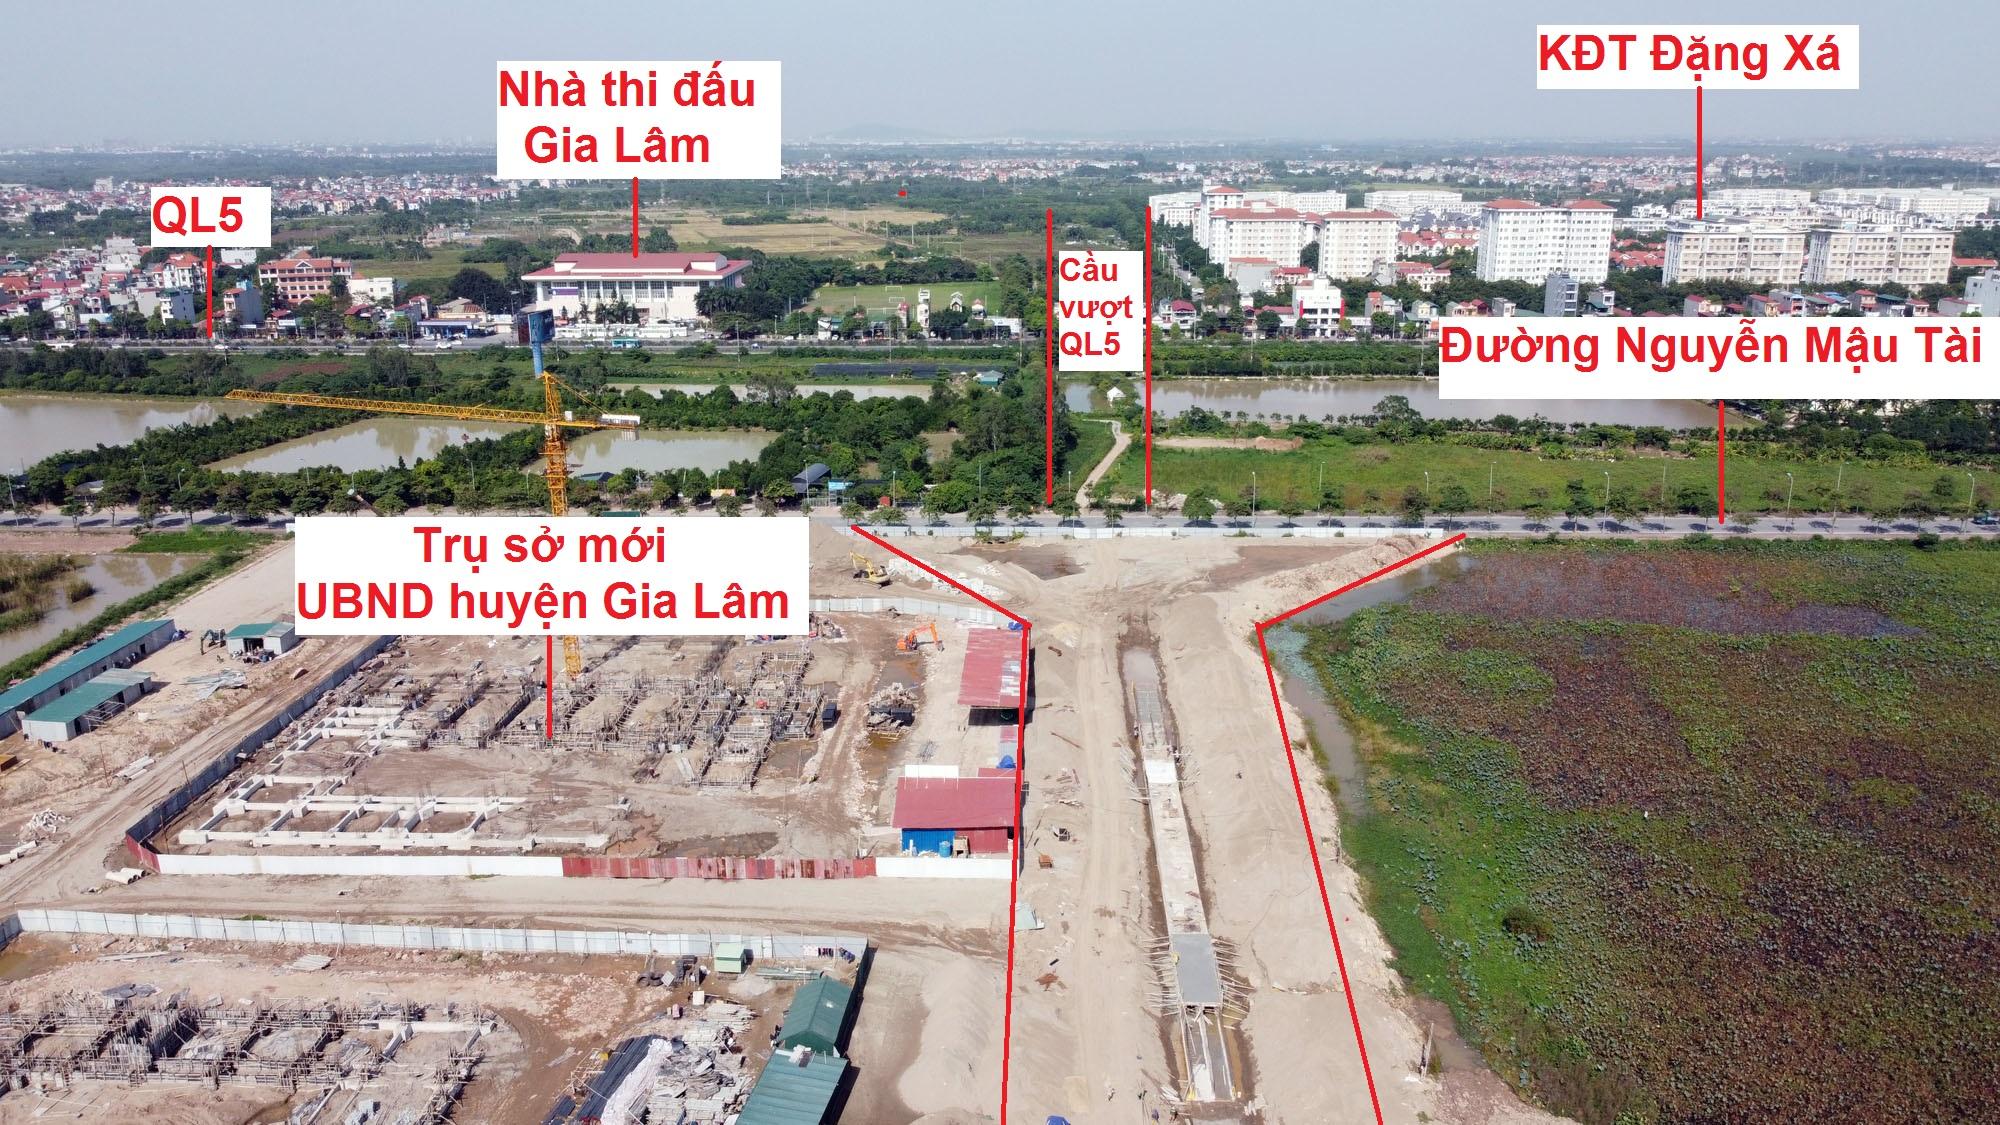 Ba đường sẽ mở theo qui hoạch ở thị trấn Trâu Quỳ, Gia Lâm, Hà Nội - Ảnh 16.